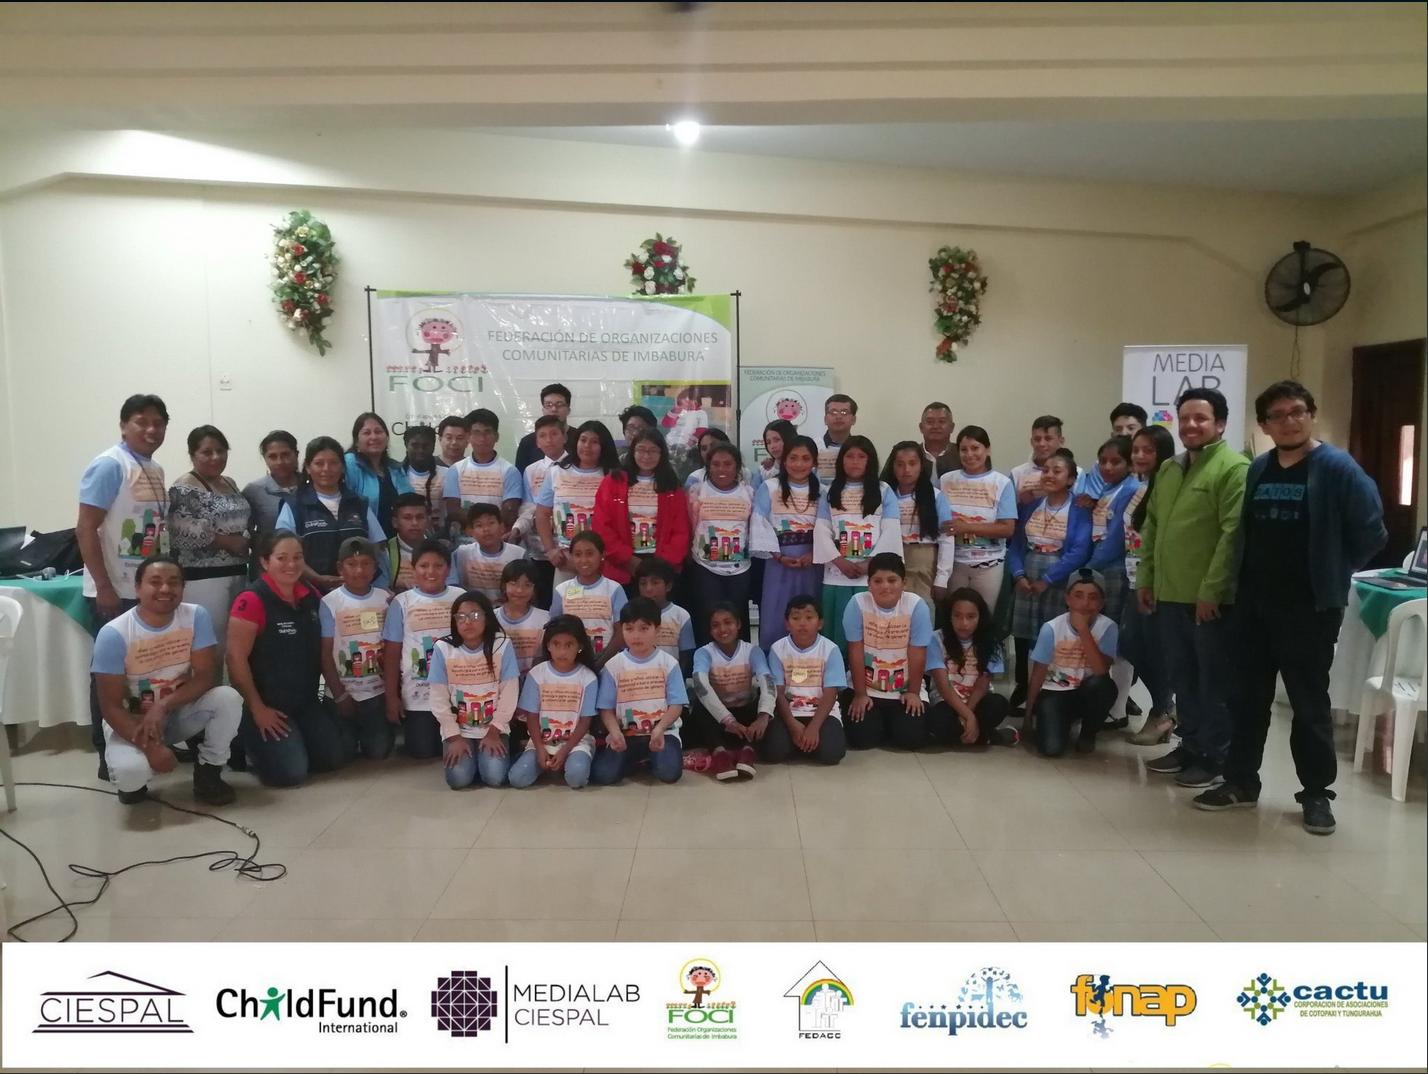 ChildfundIbarra08